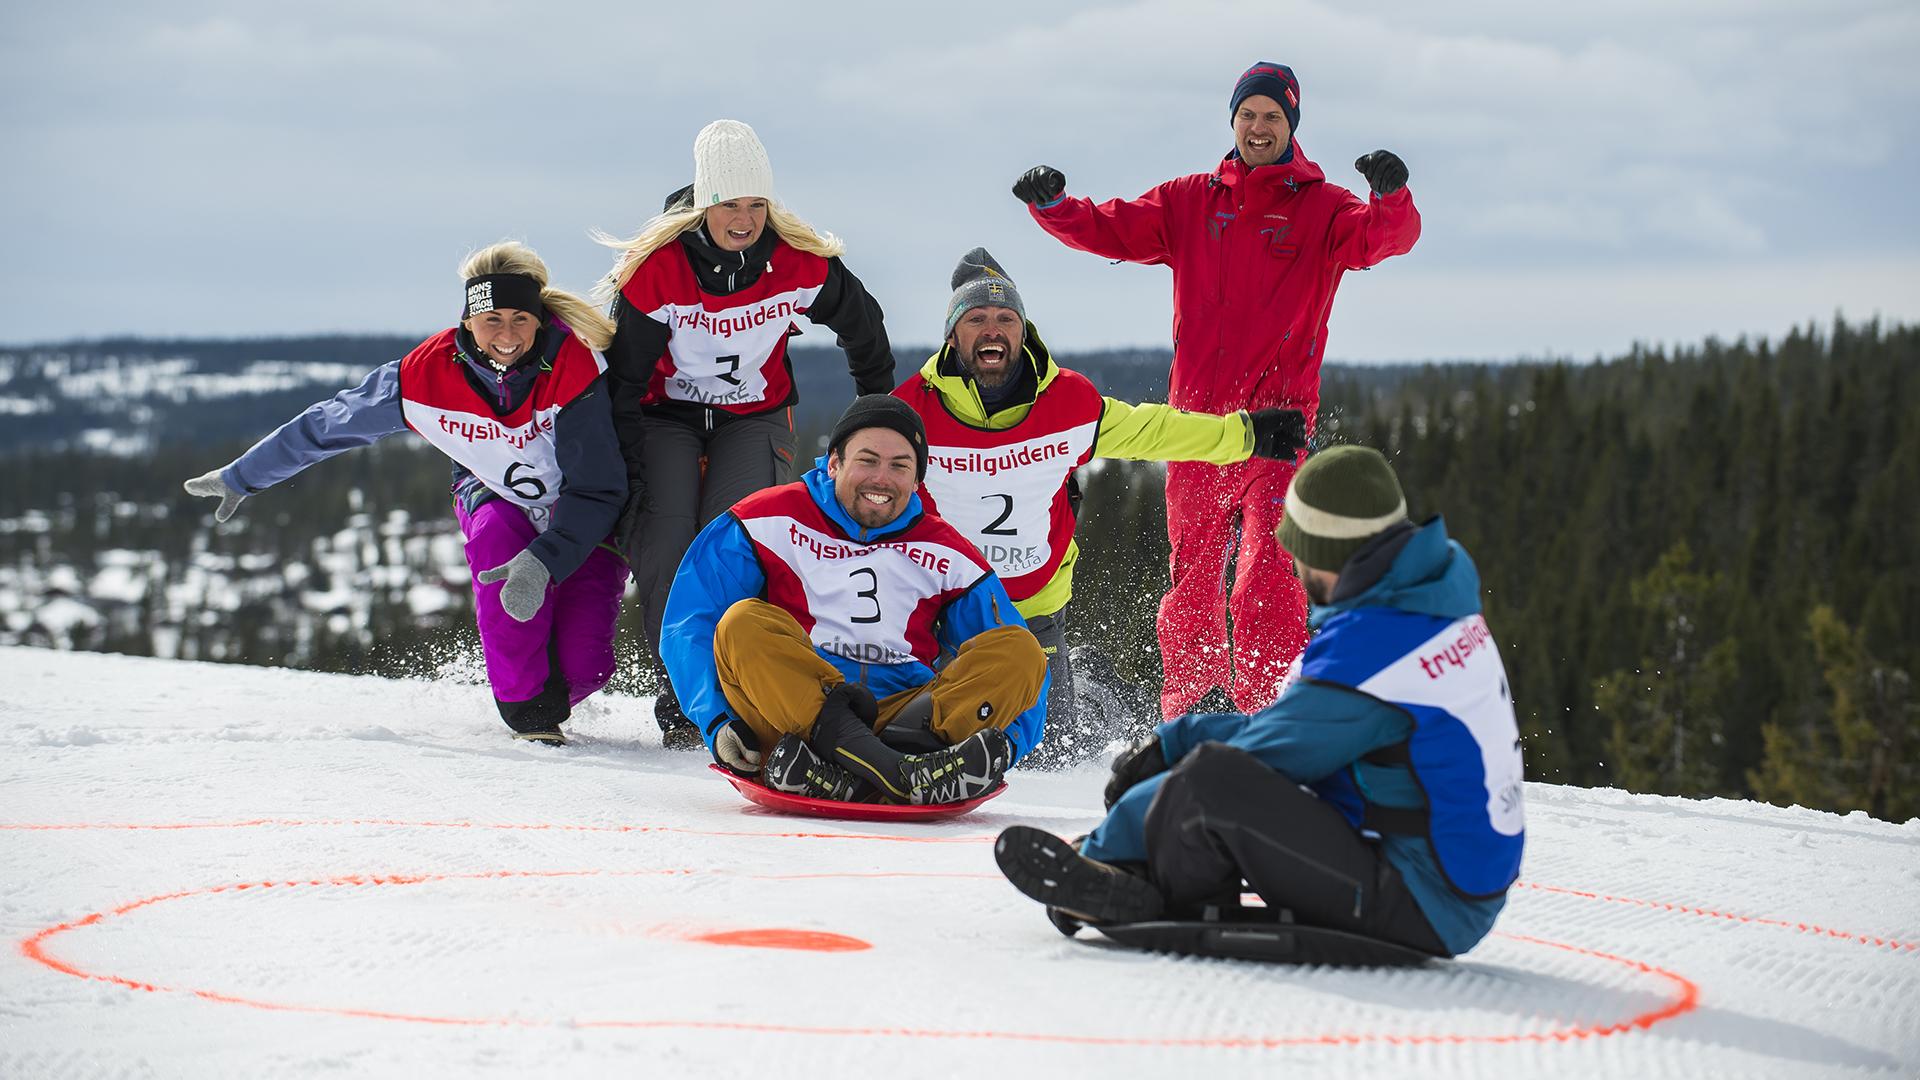 Vinterolympiade (Vinter)